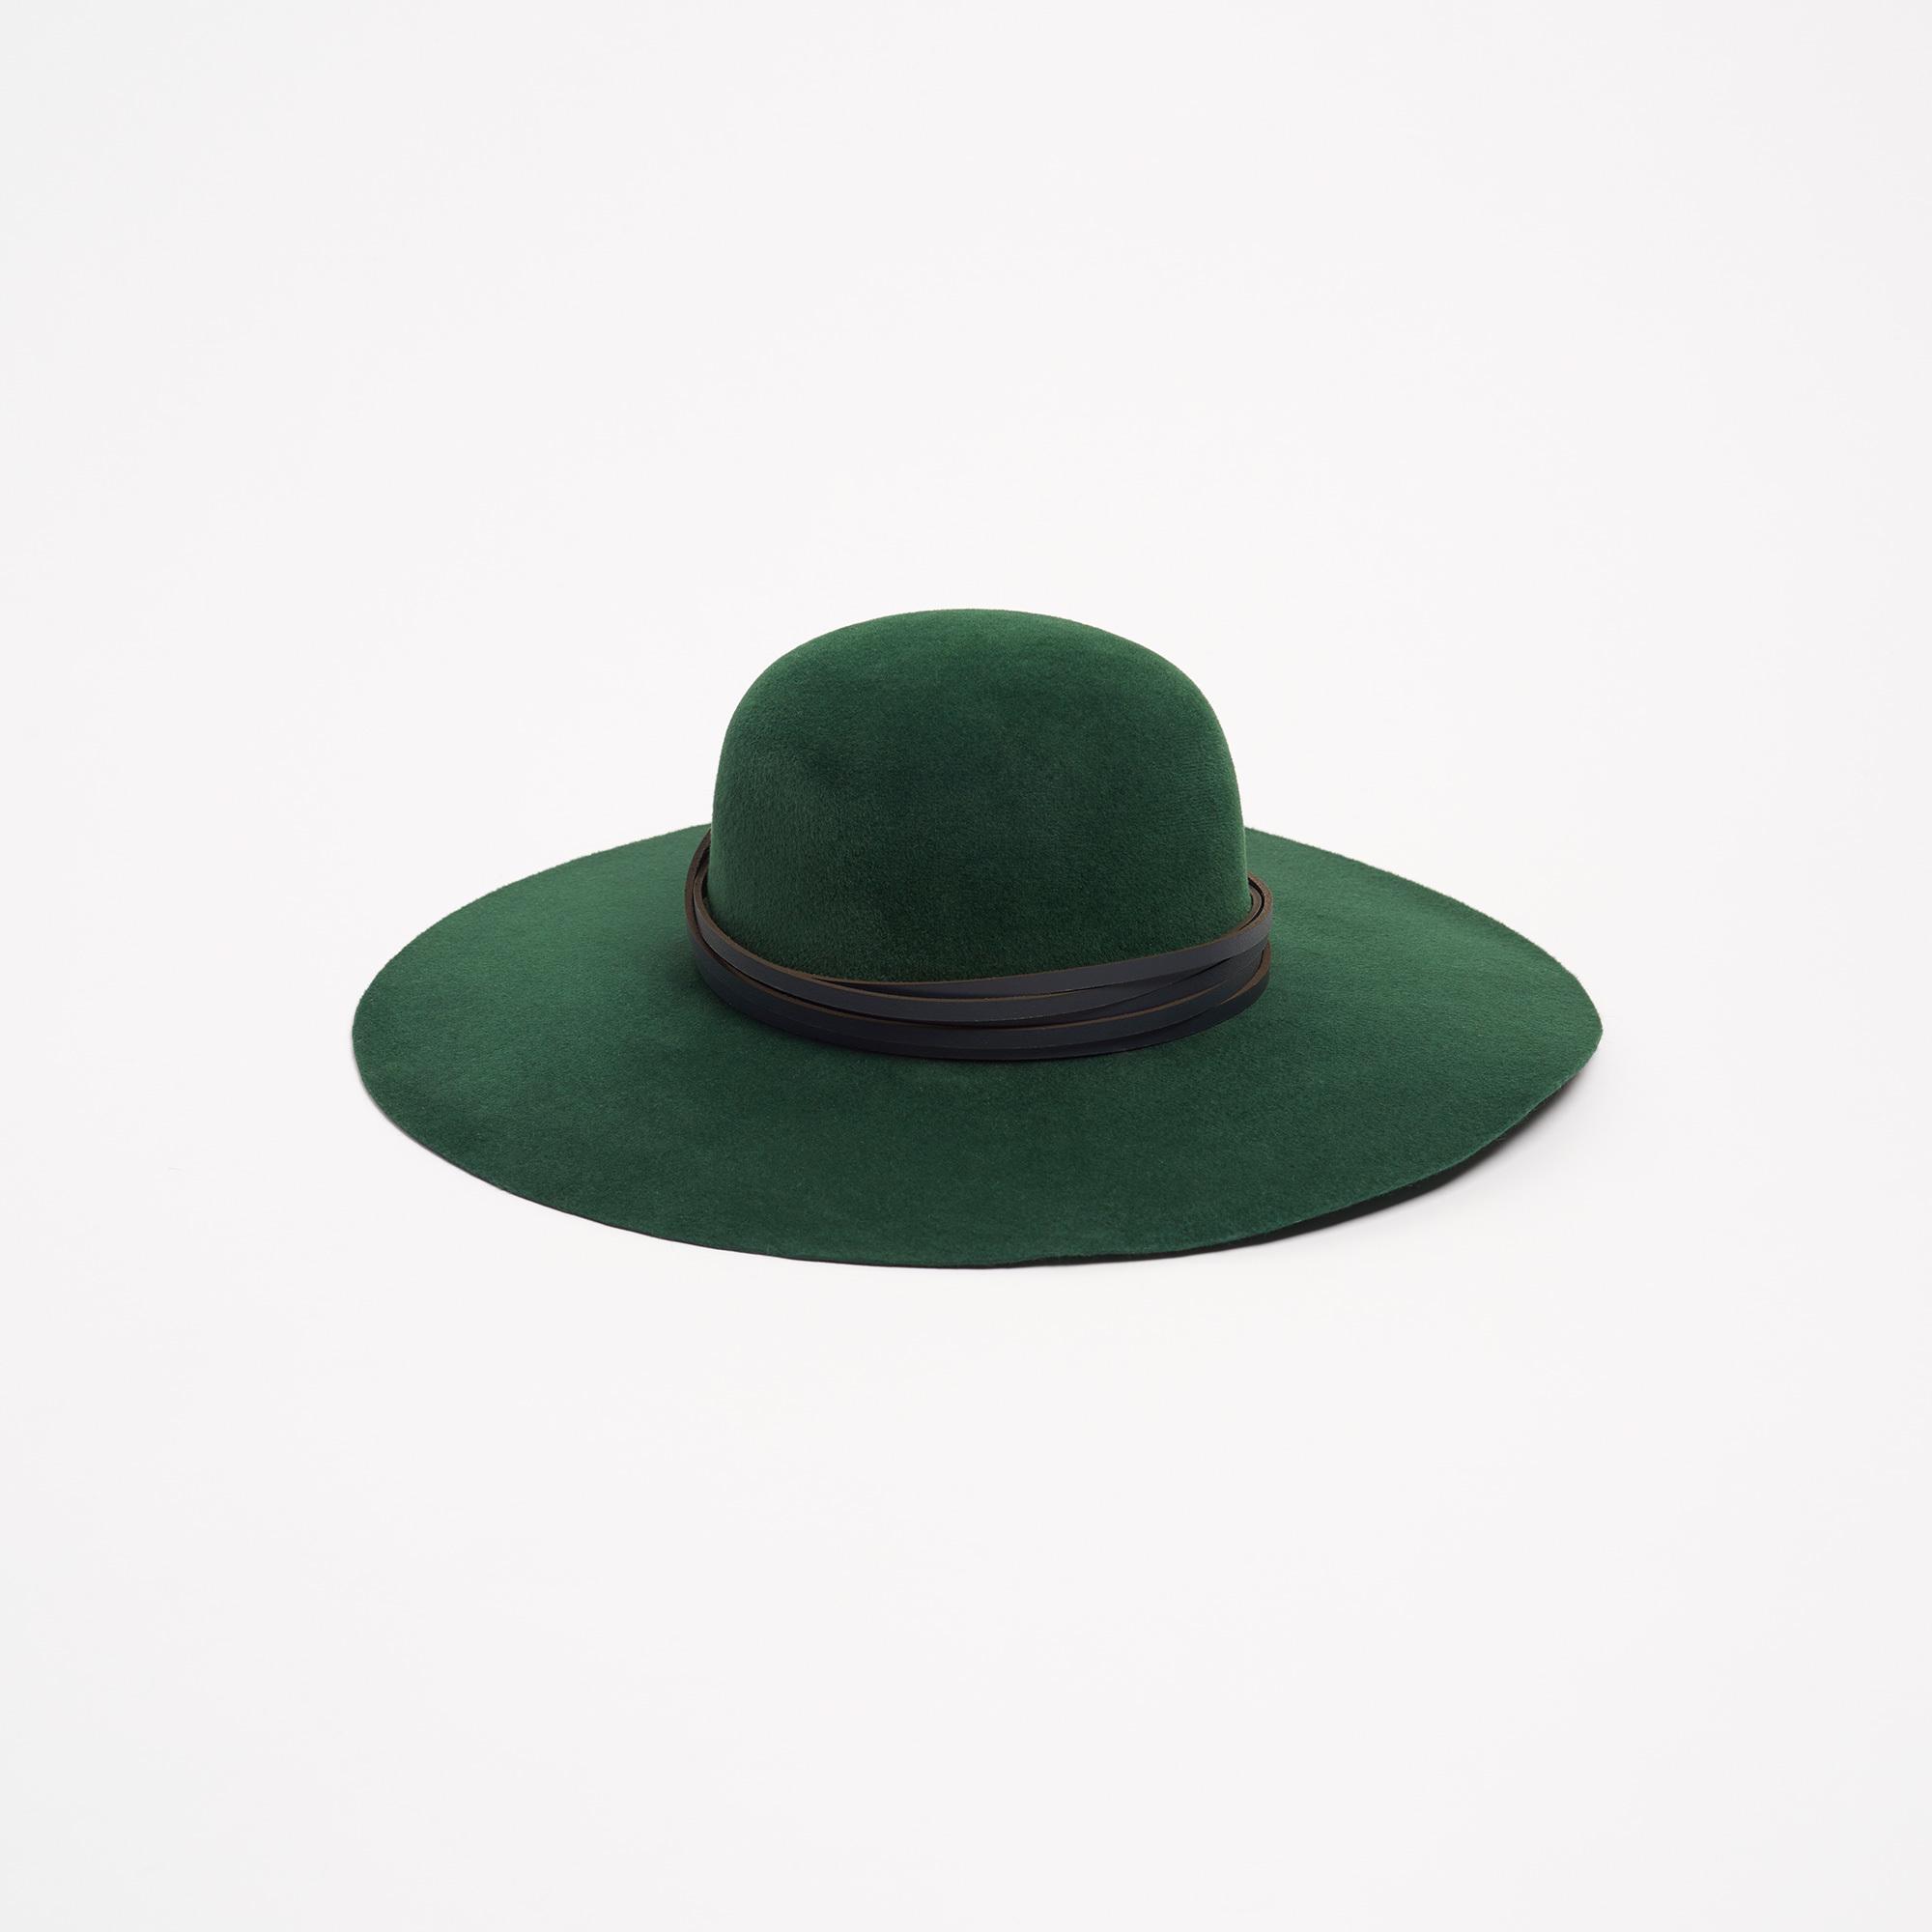 Marfona Green Wide Brim Hat  563834b470f